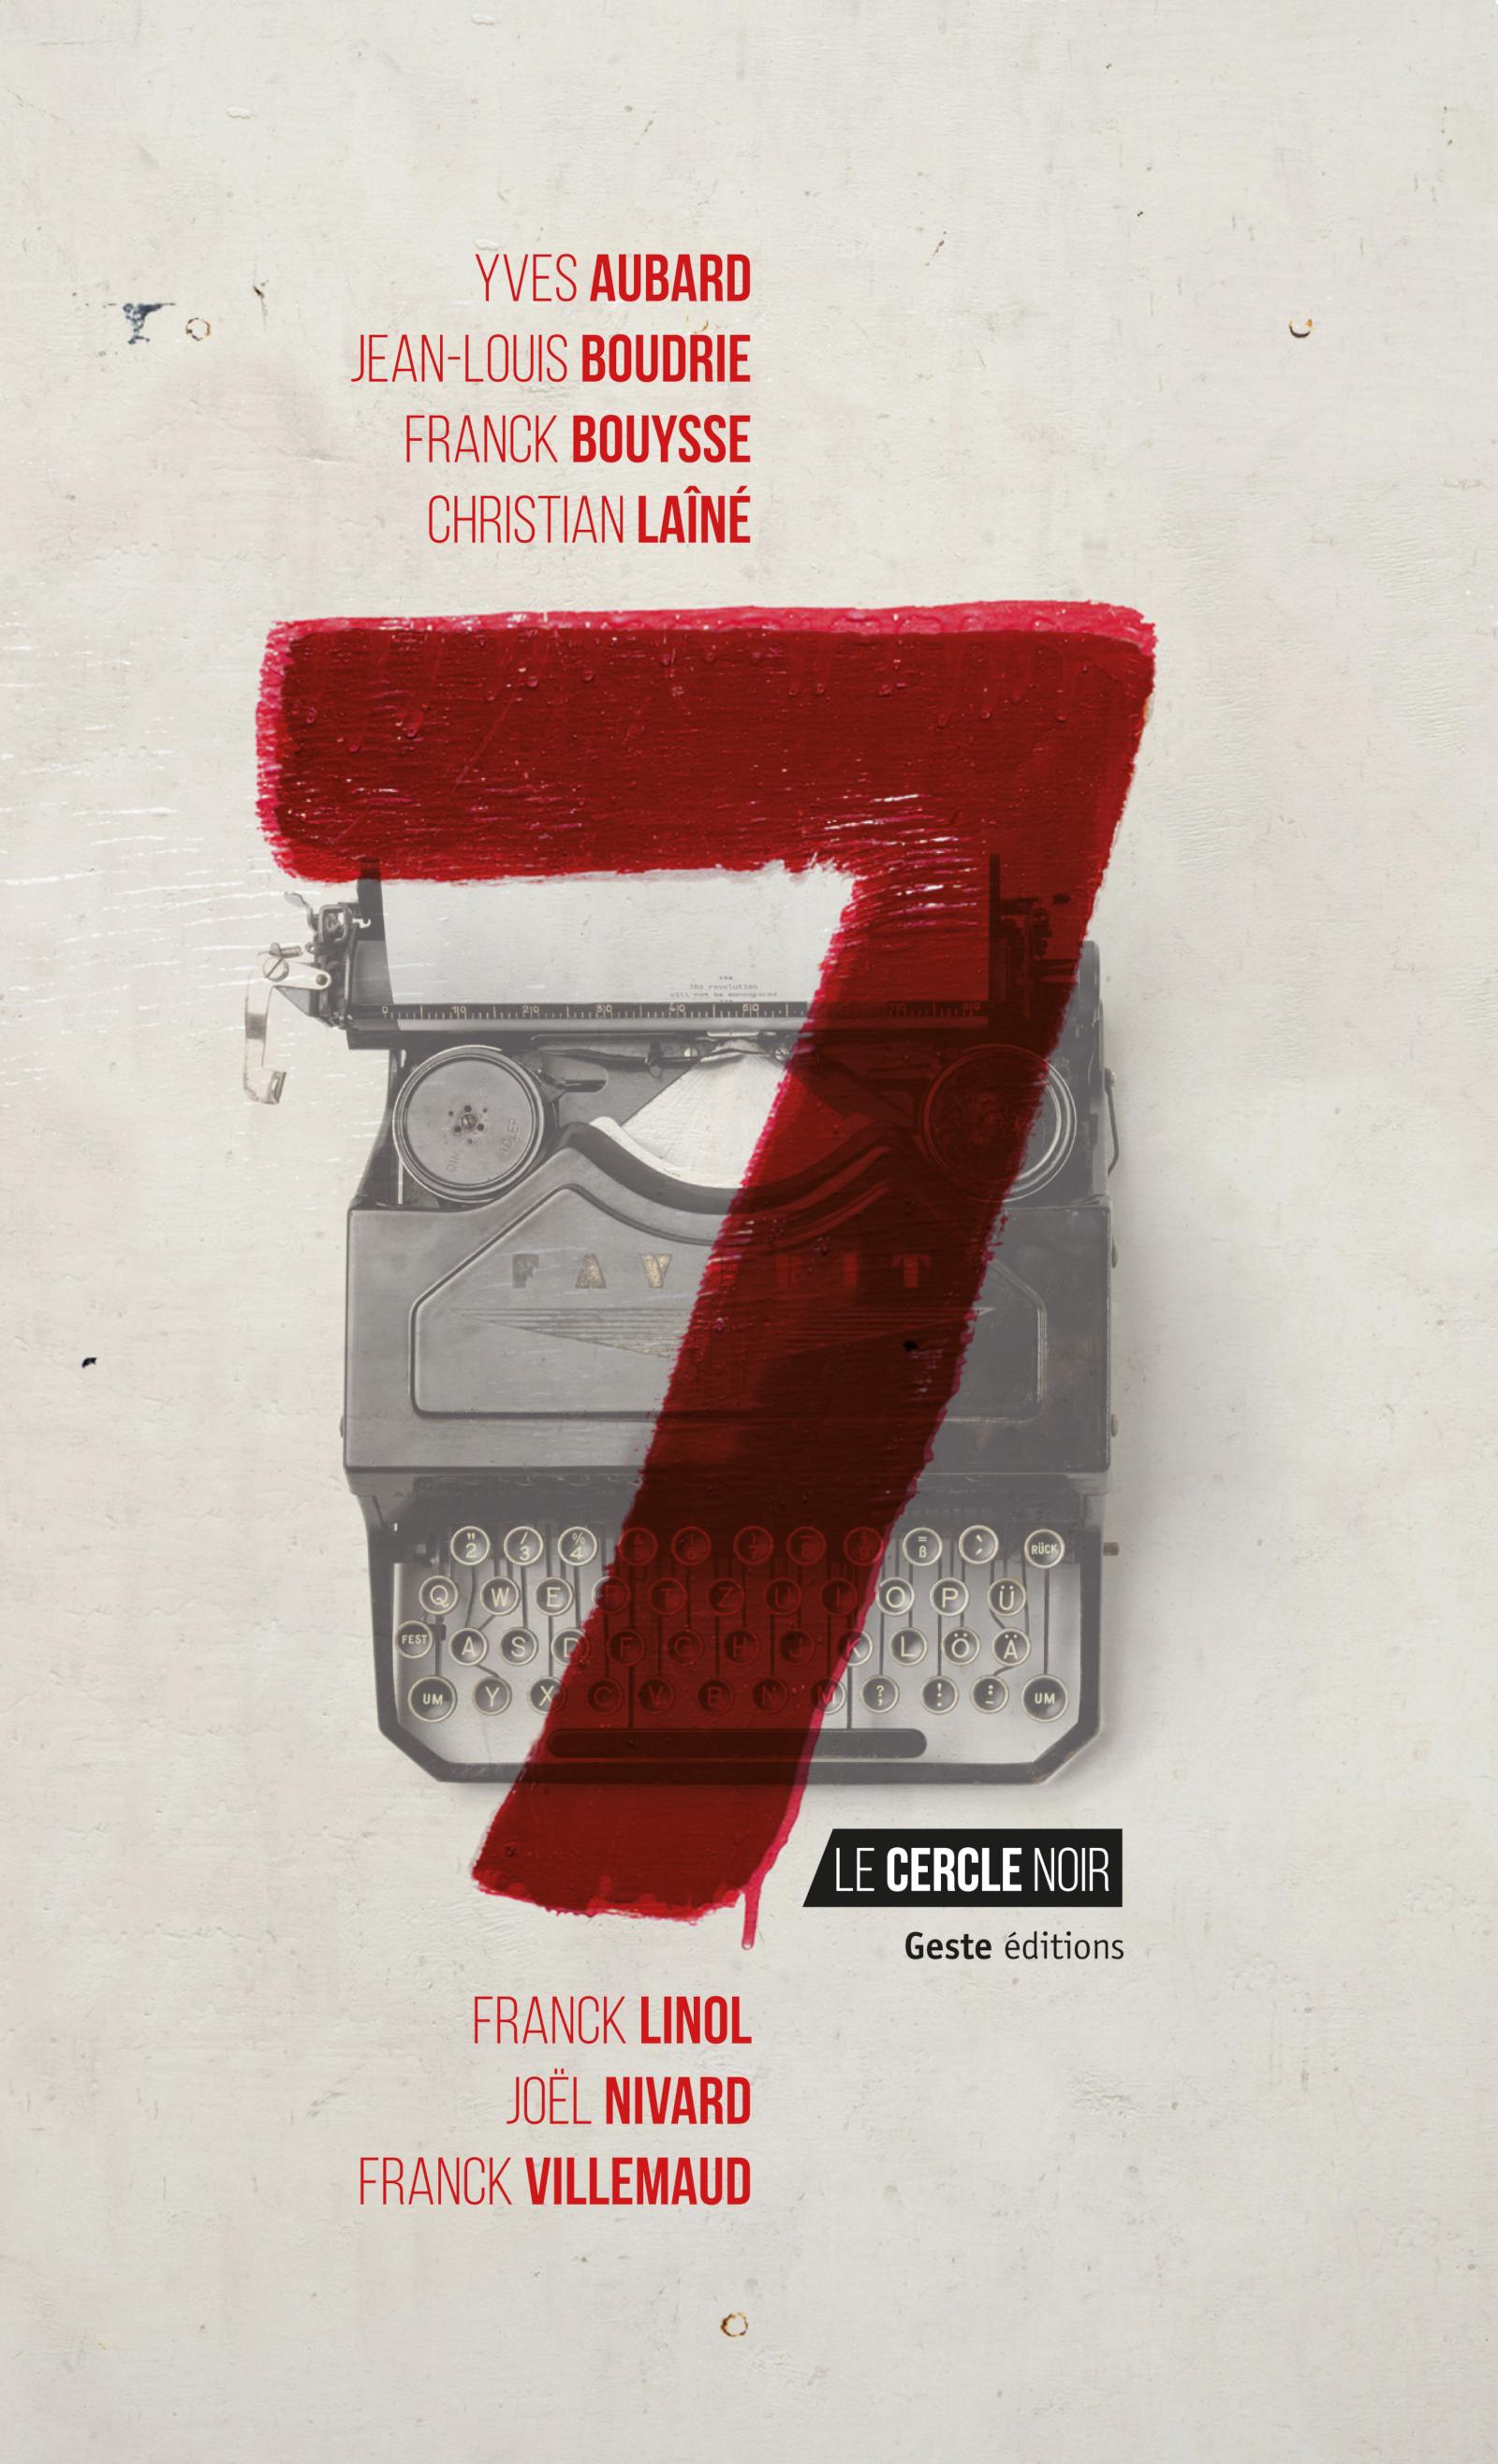 7 - Le cercle noir